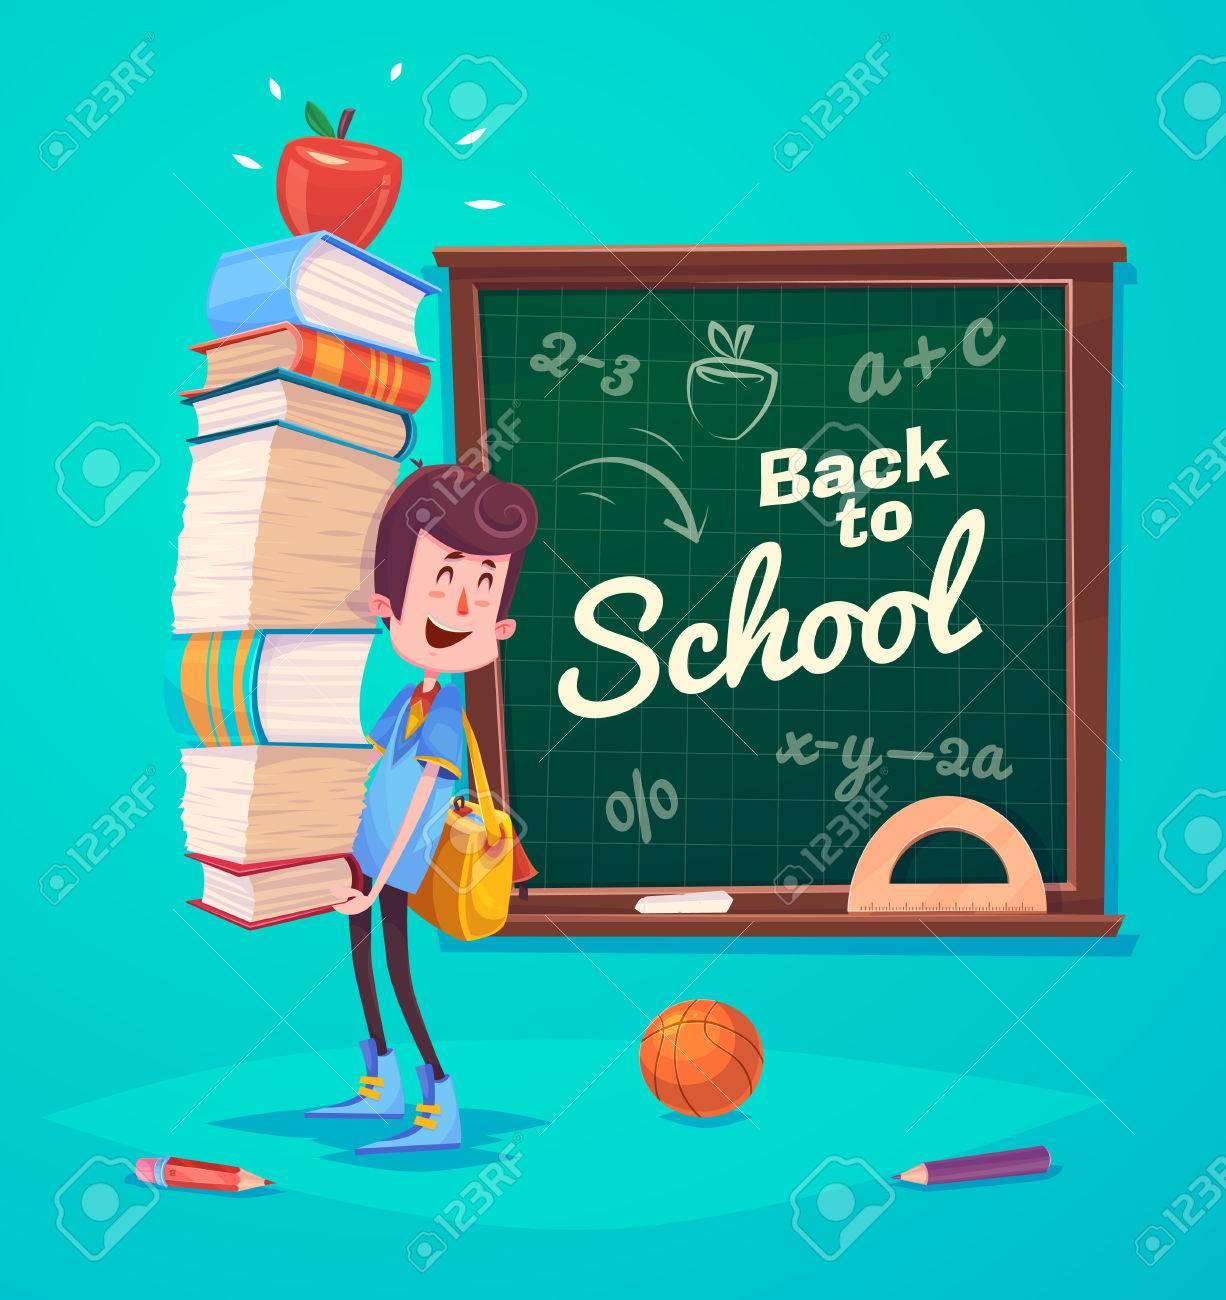 かわいい学校の子供たち。学校の活動。学校に戻るには、青い背景上の